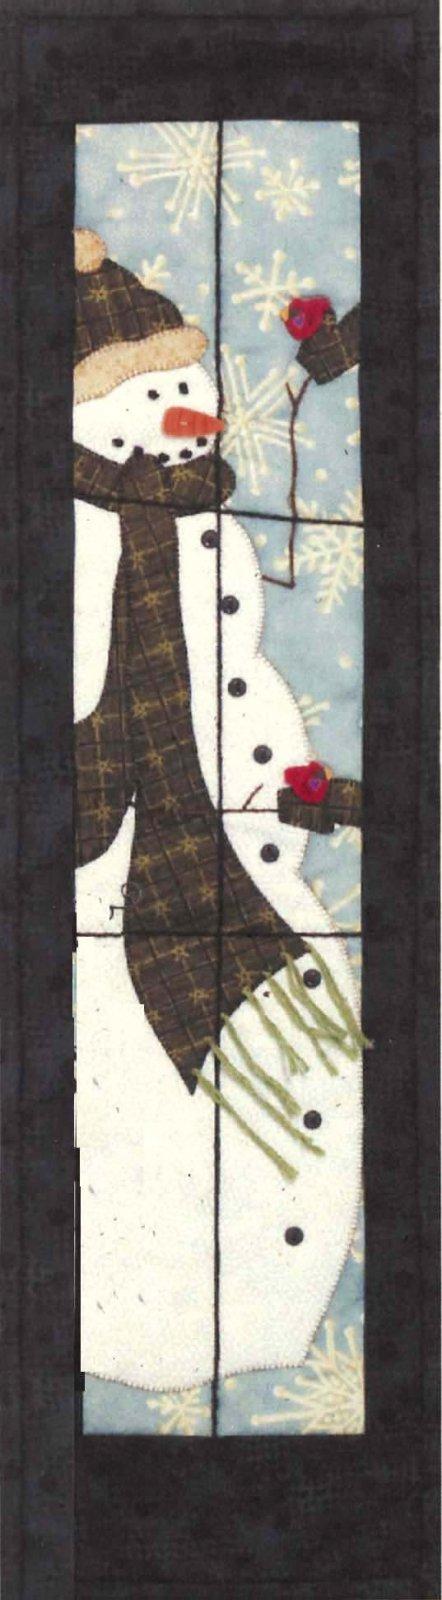 Leftie - Snowman